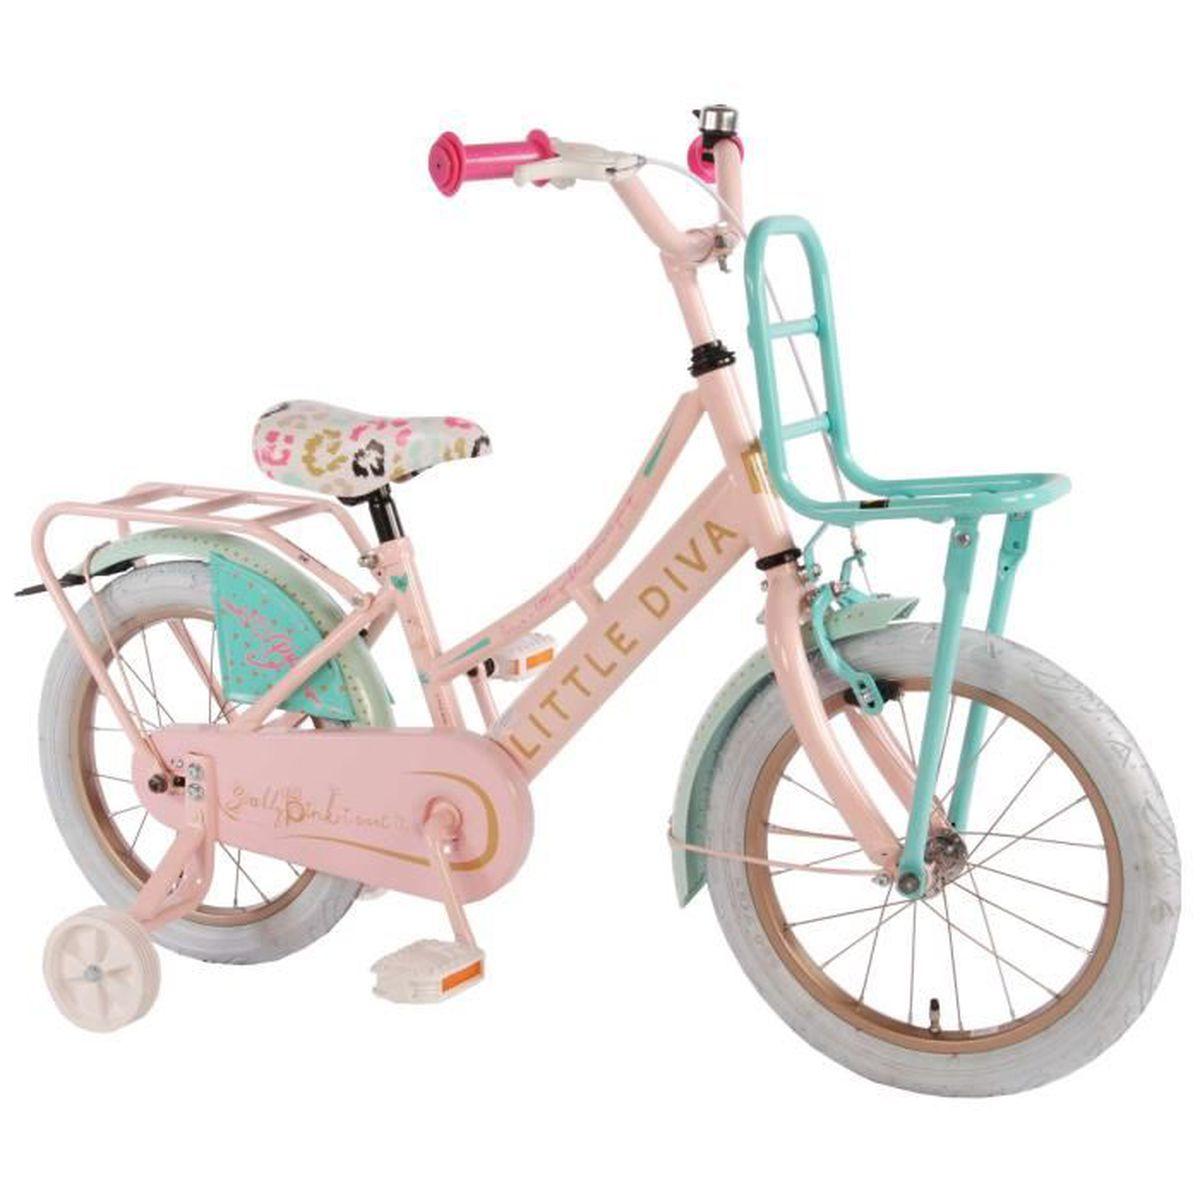 v lo enfant fille little diva 16 pouce avec roues de. Black Bedroom Furniture Sets. Home Design Ideas